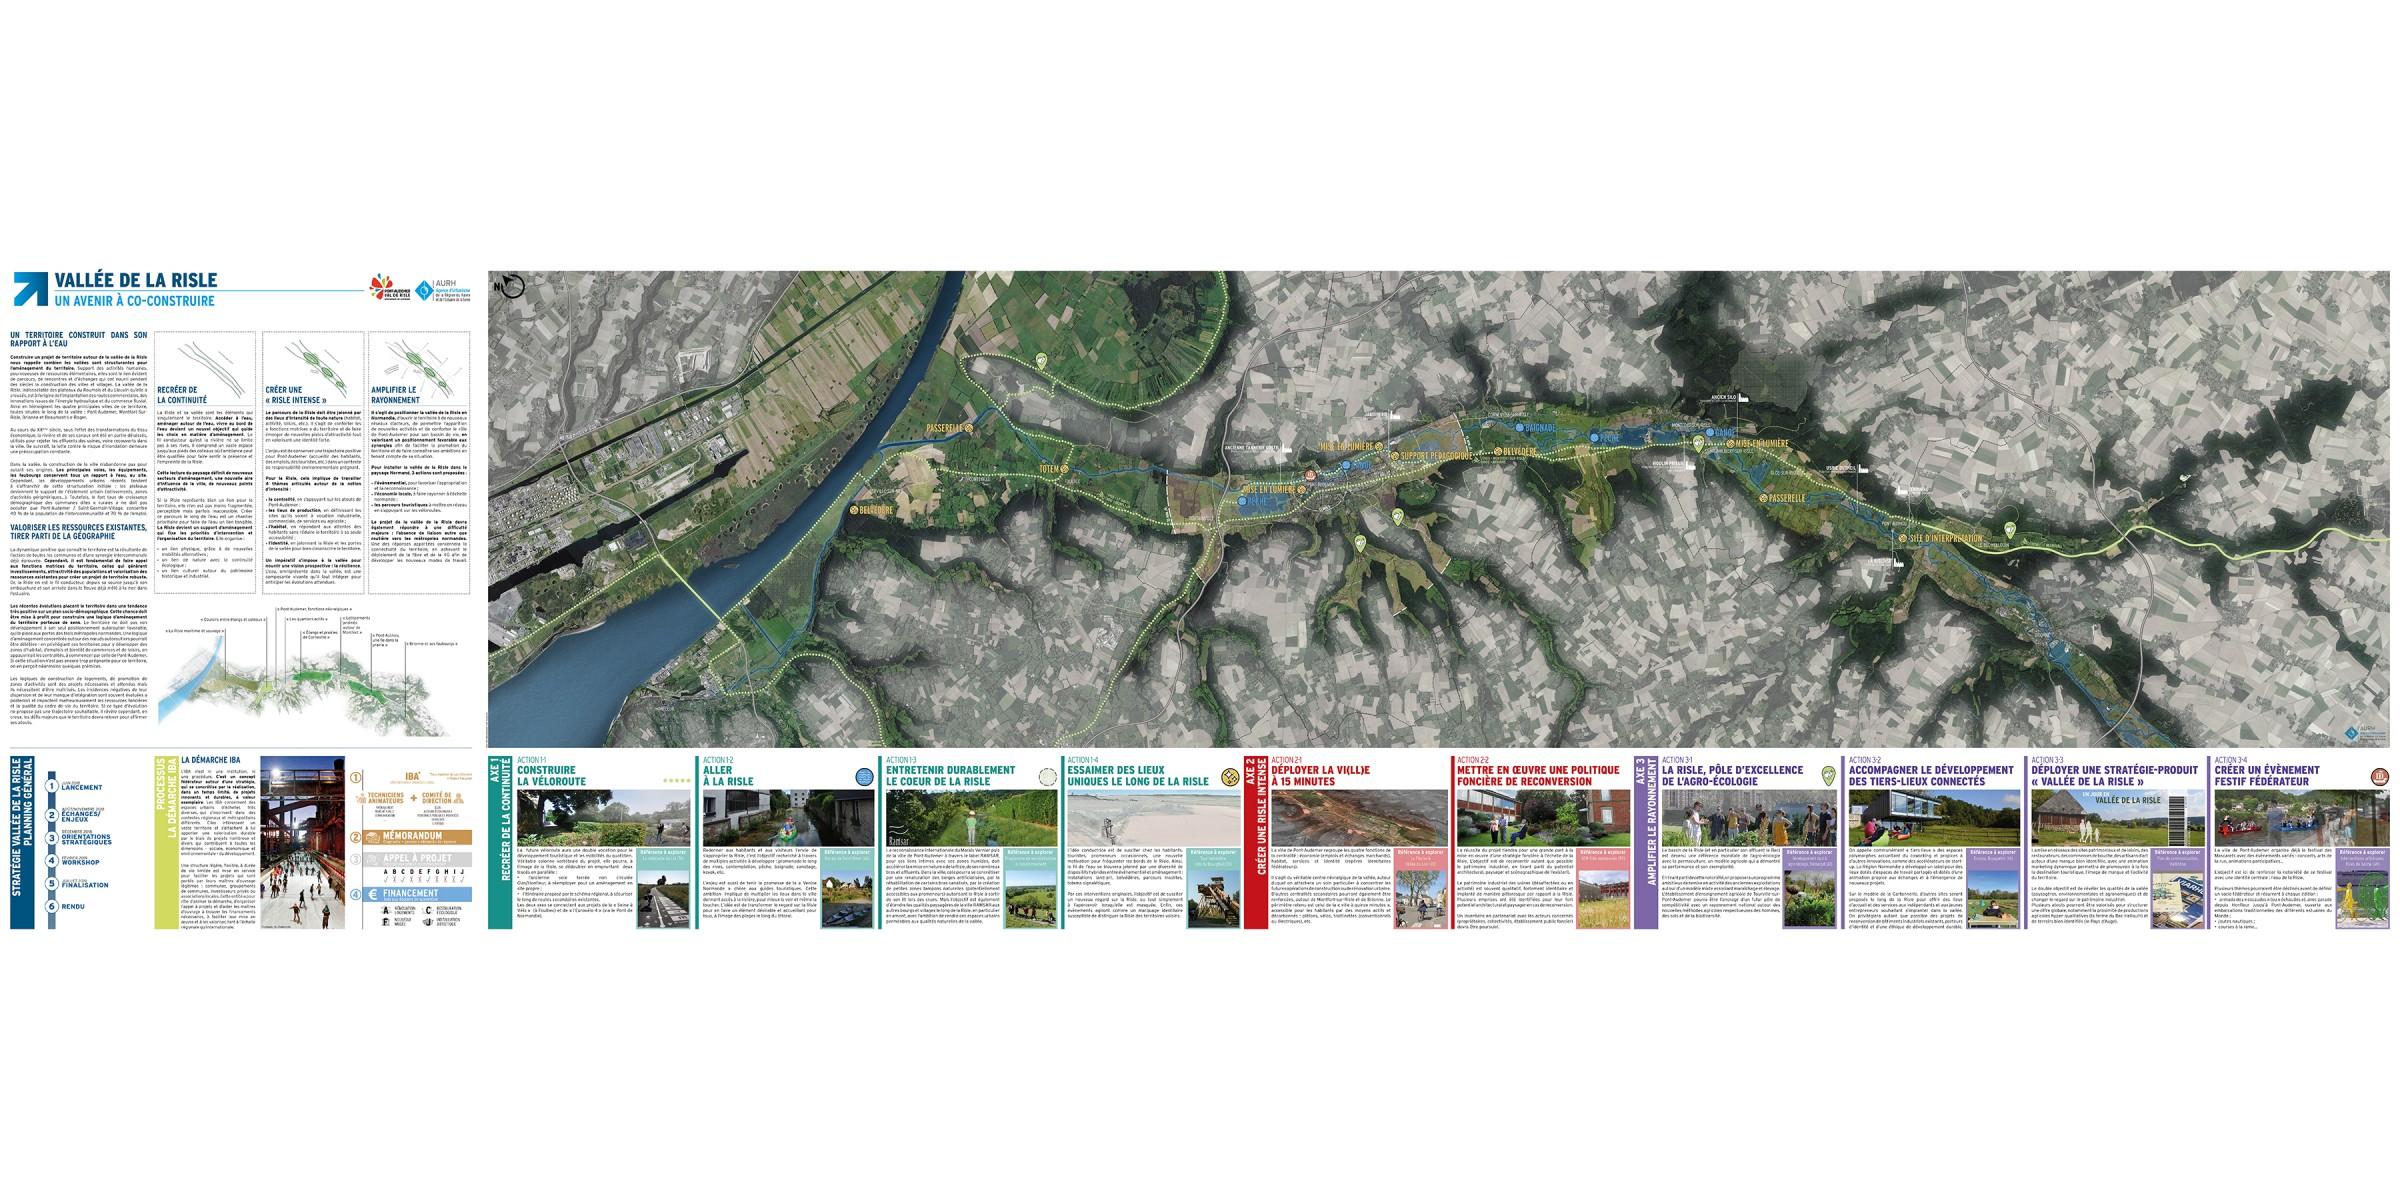 Communauté de communes Pont-Audemer / Val de Risle - Positionnement stratégique du territoire